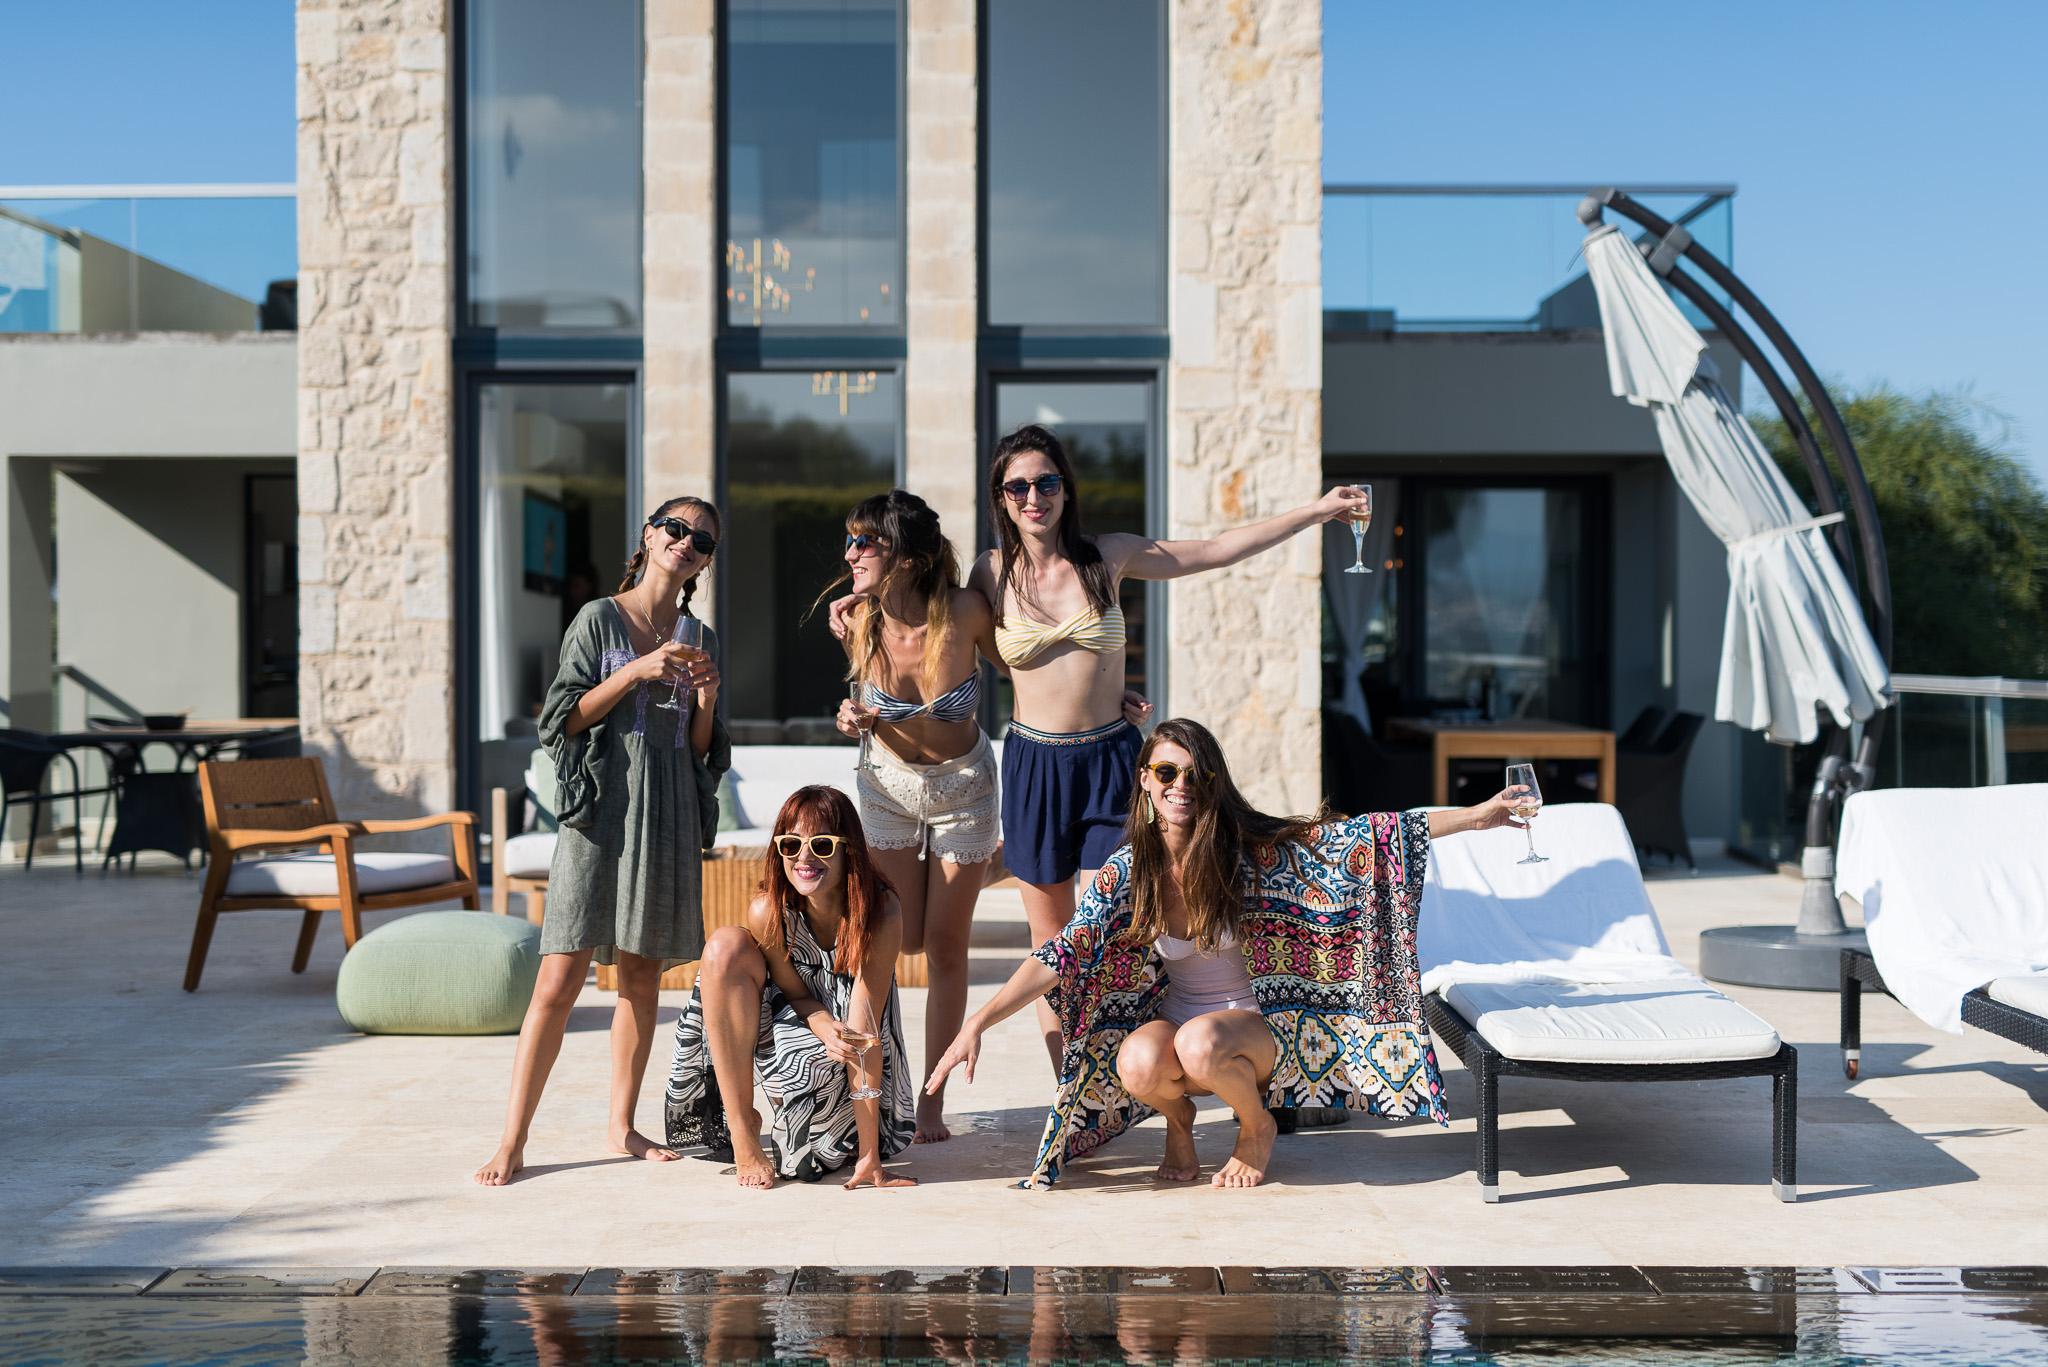 Party at private villa in Chania Crete Greece